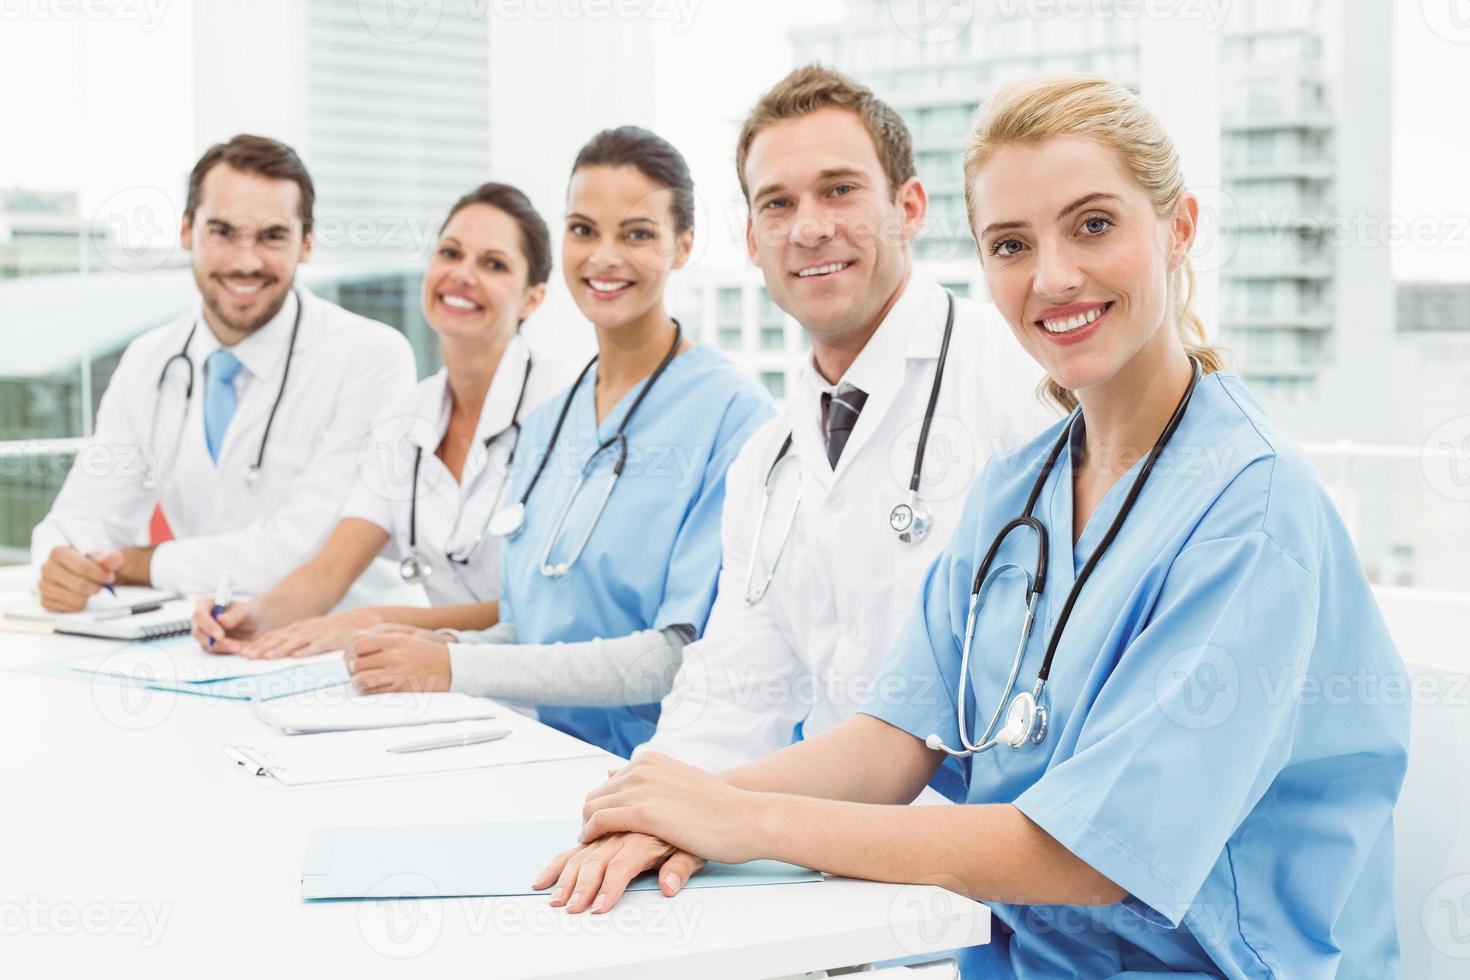 médicos masculinos e femininos, sentado na fila foto